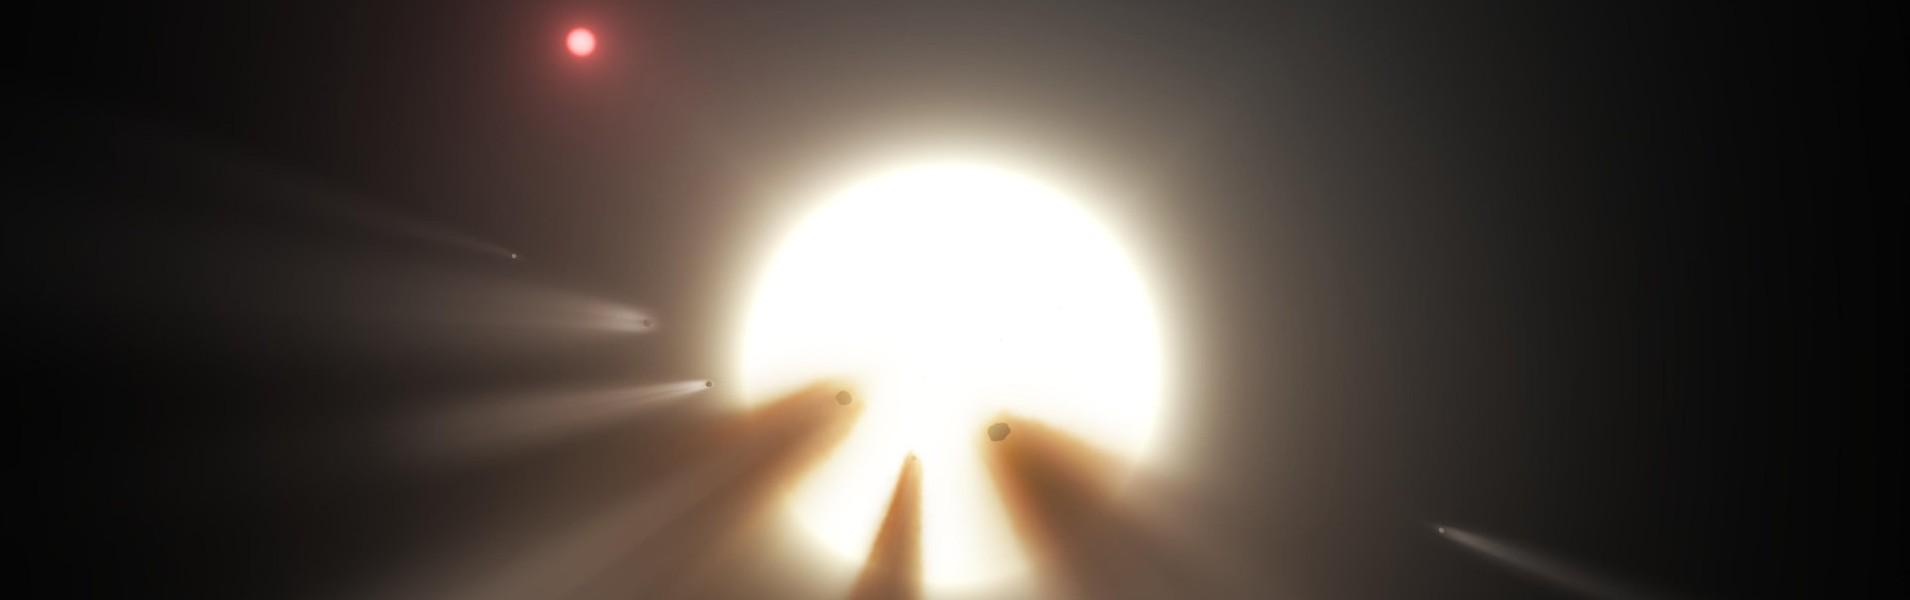 Potente señal de radio, desde una estrella a 95 años luz, desconcierta a los científicos